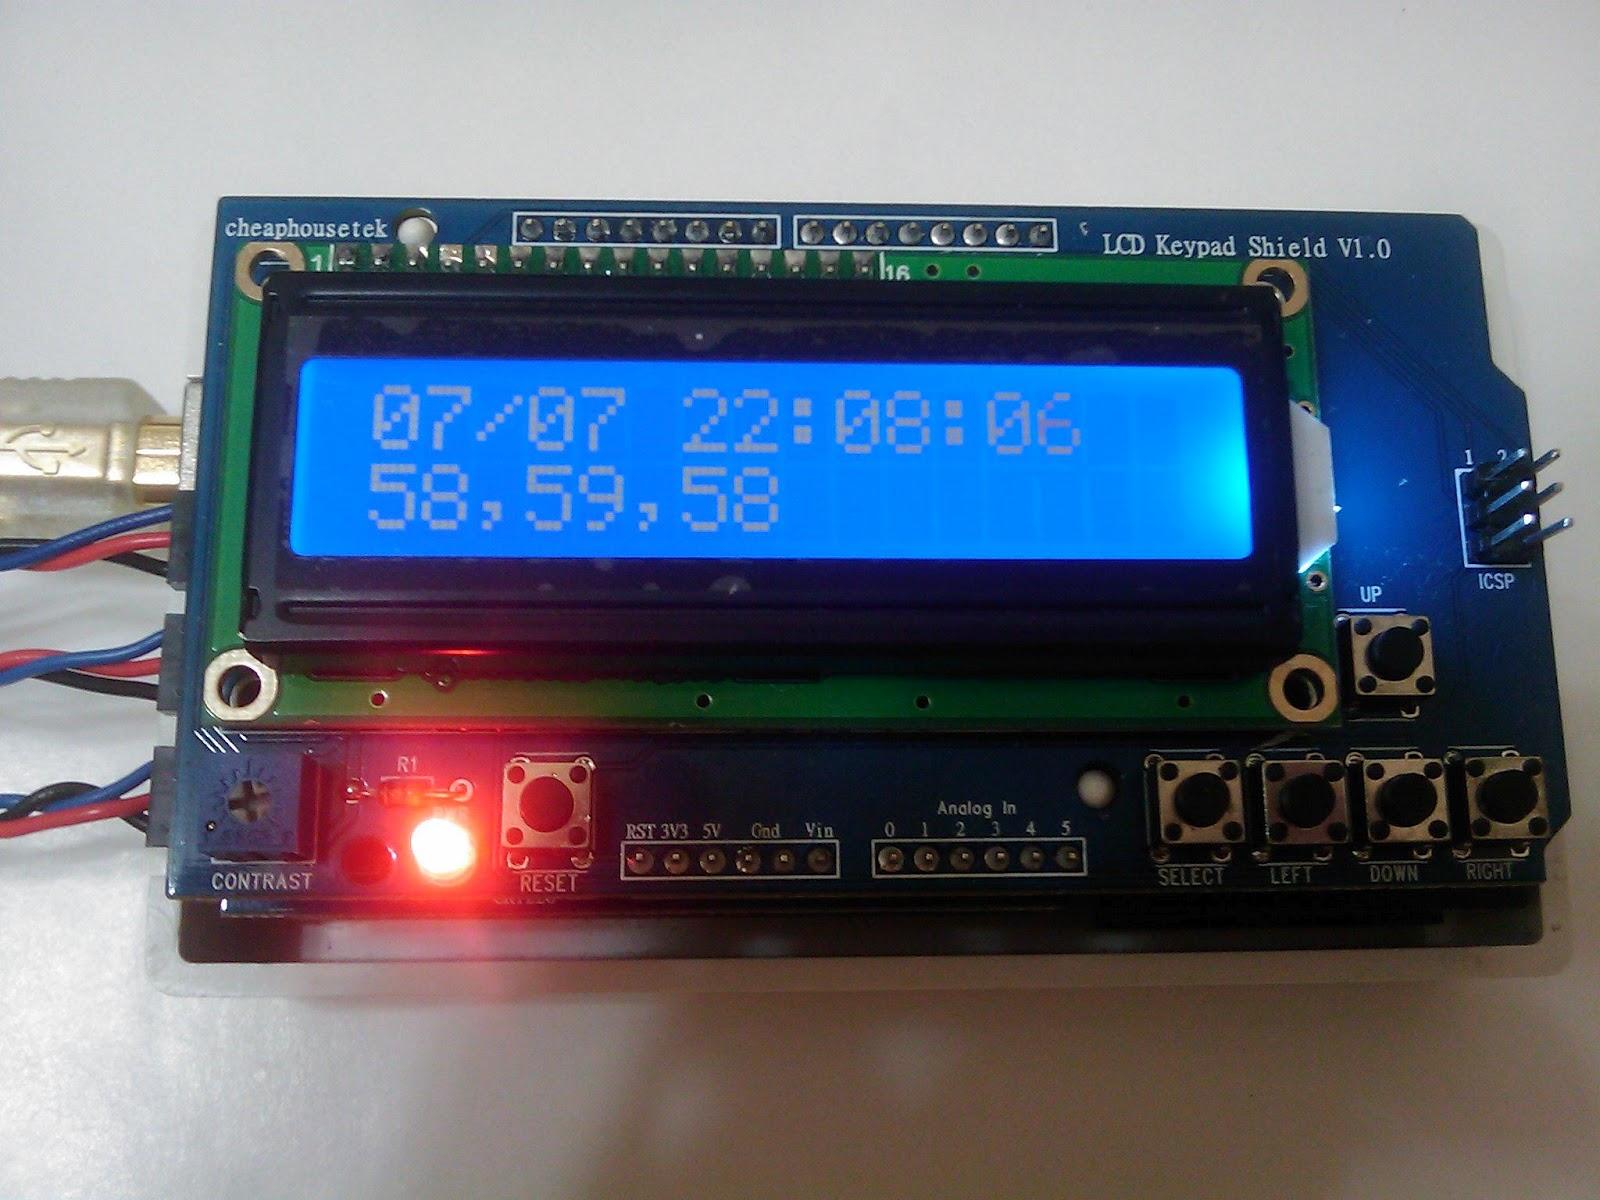 Cheaphousetek freeduino arduino datalogger shield lcd